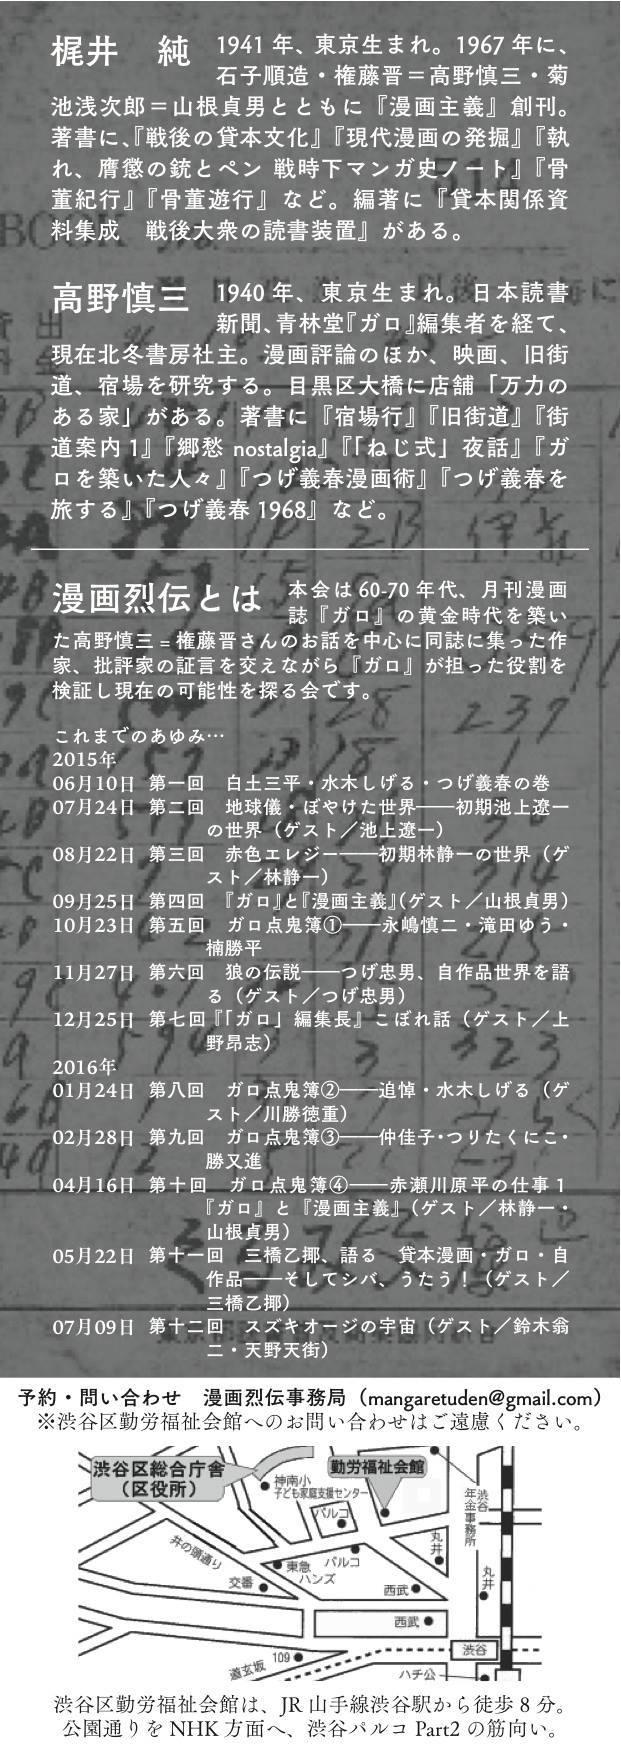 [論座]漫画烈伝ーガロとその時代 ⑬_a0000682_20502966.jpg